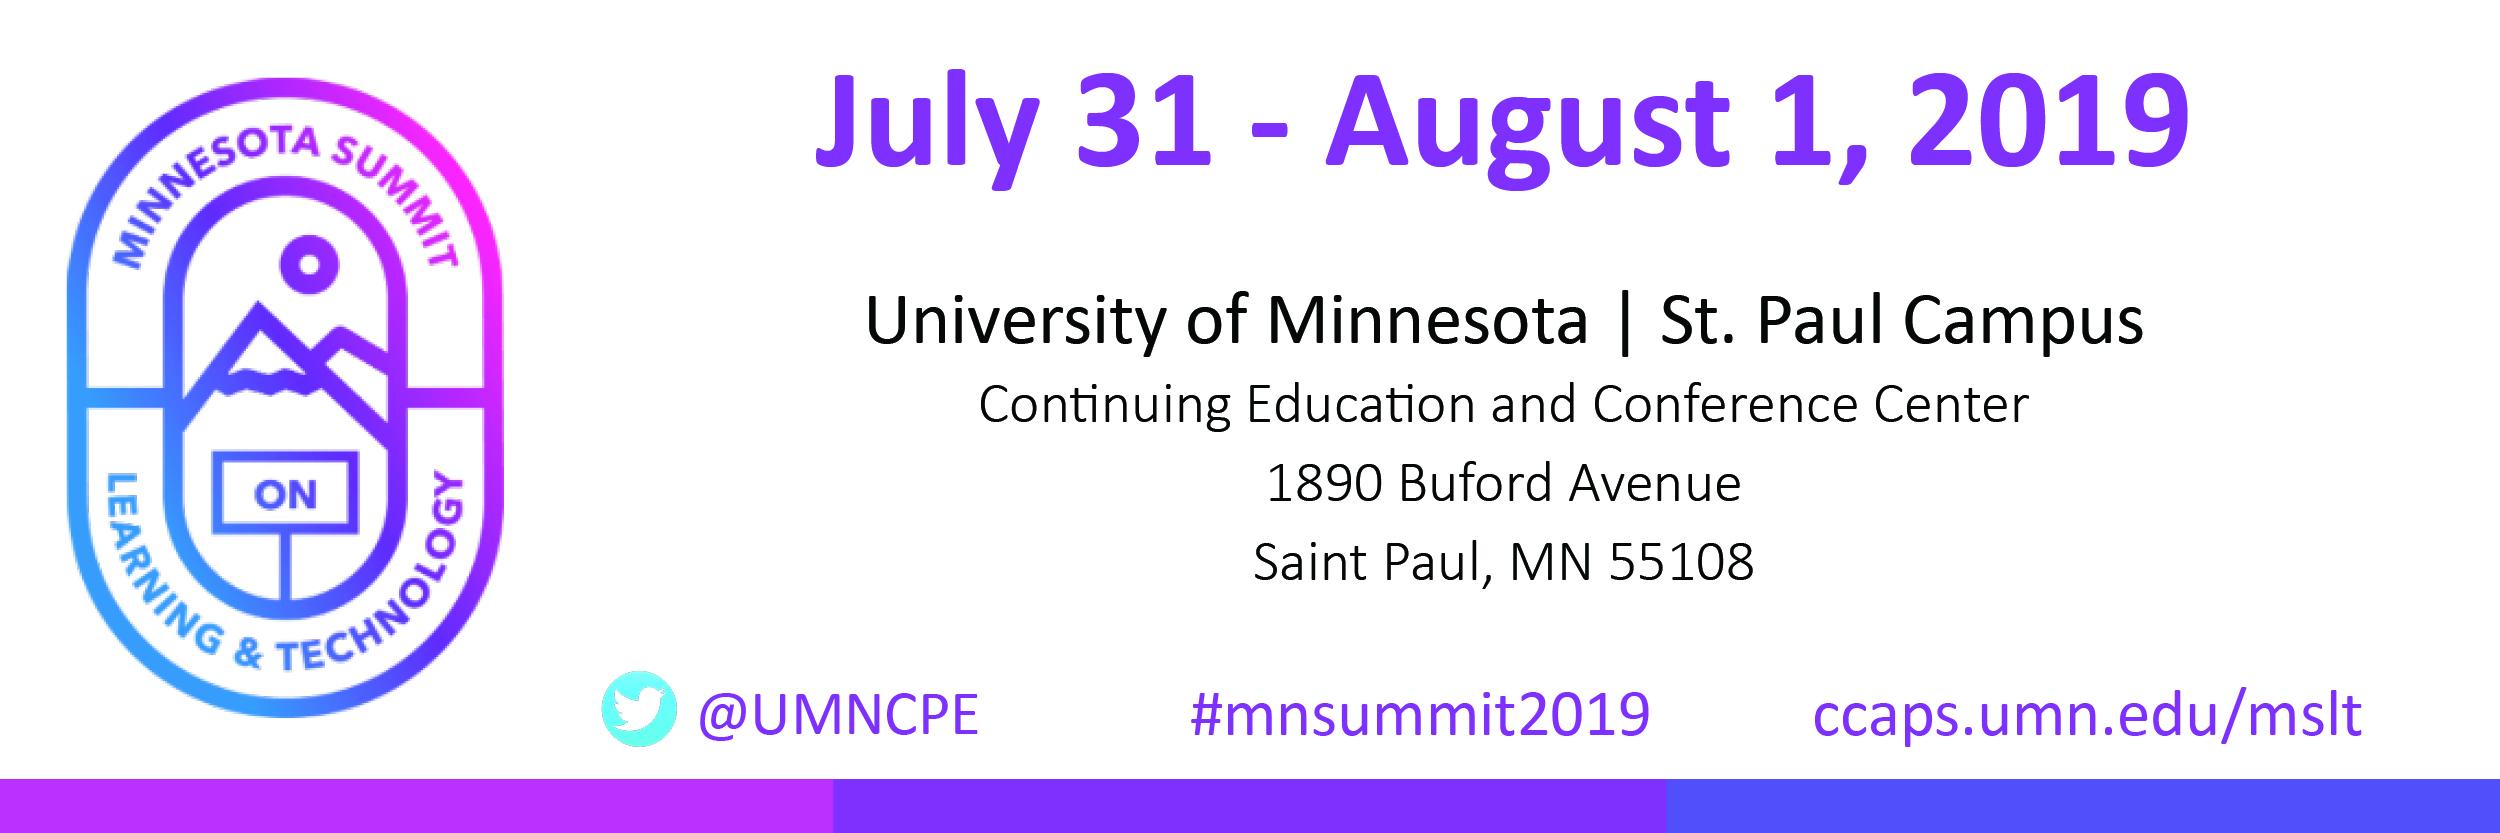 Minnesota Summit